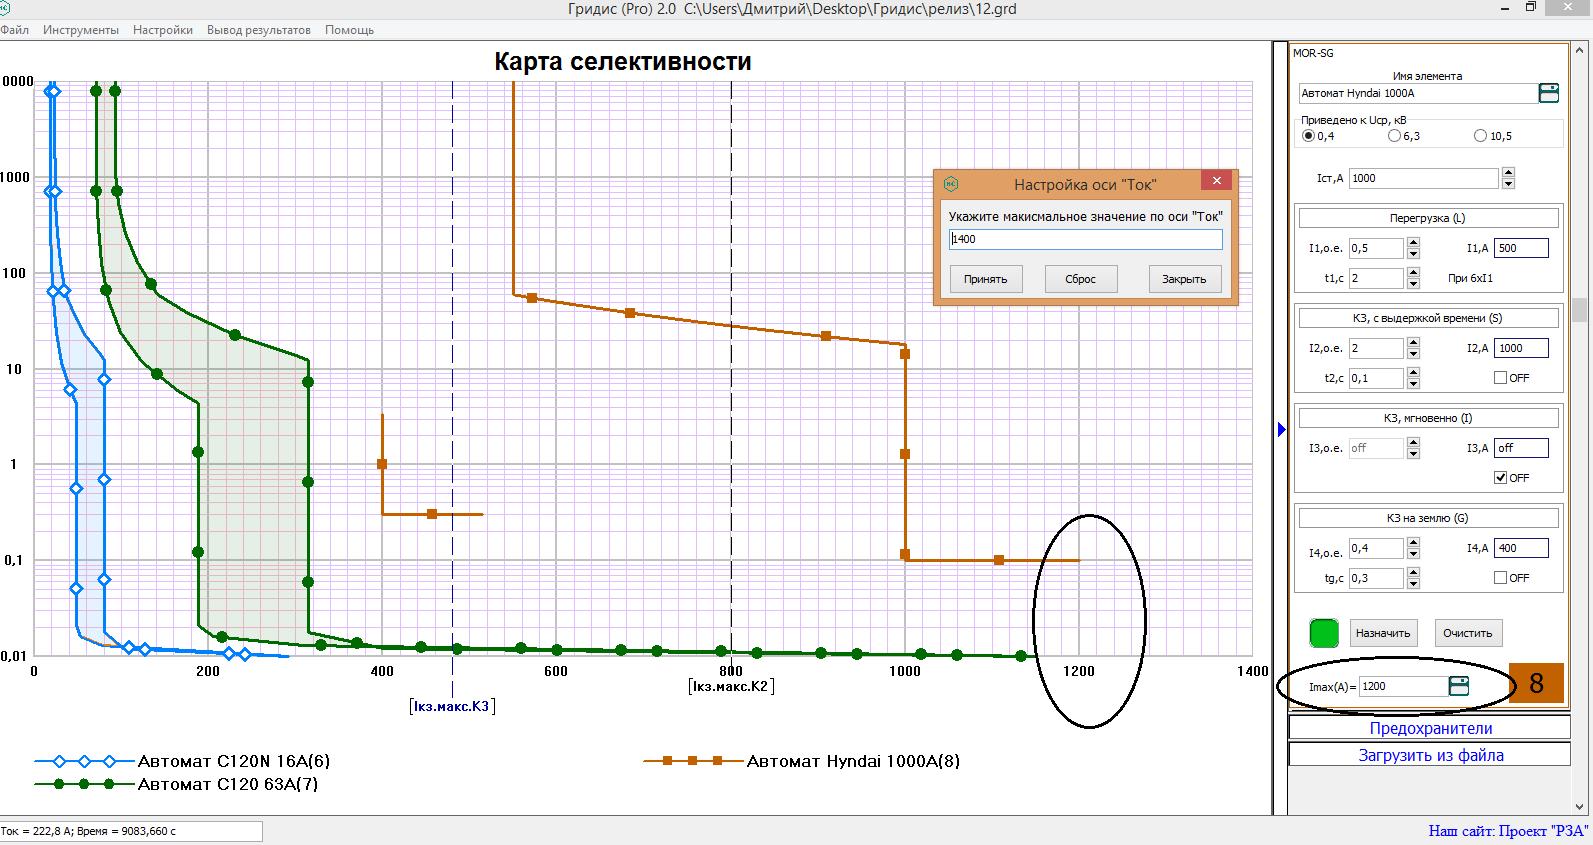 Описание обновления Гридис-КС до версии 2.0